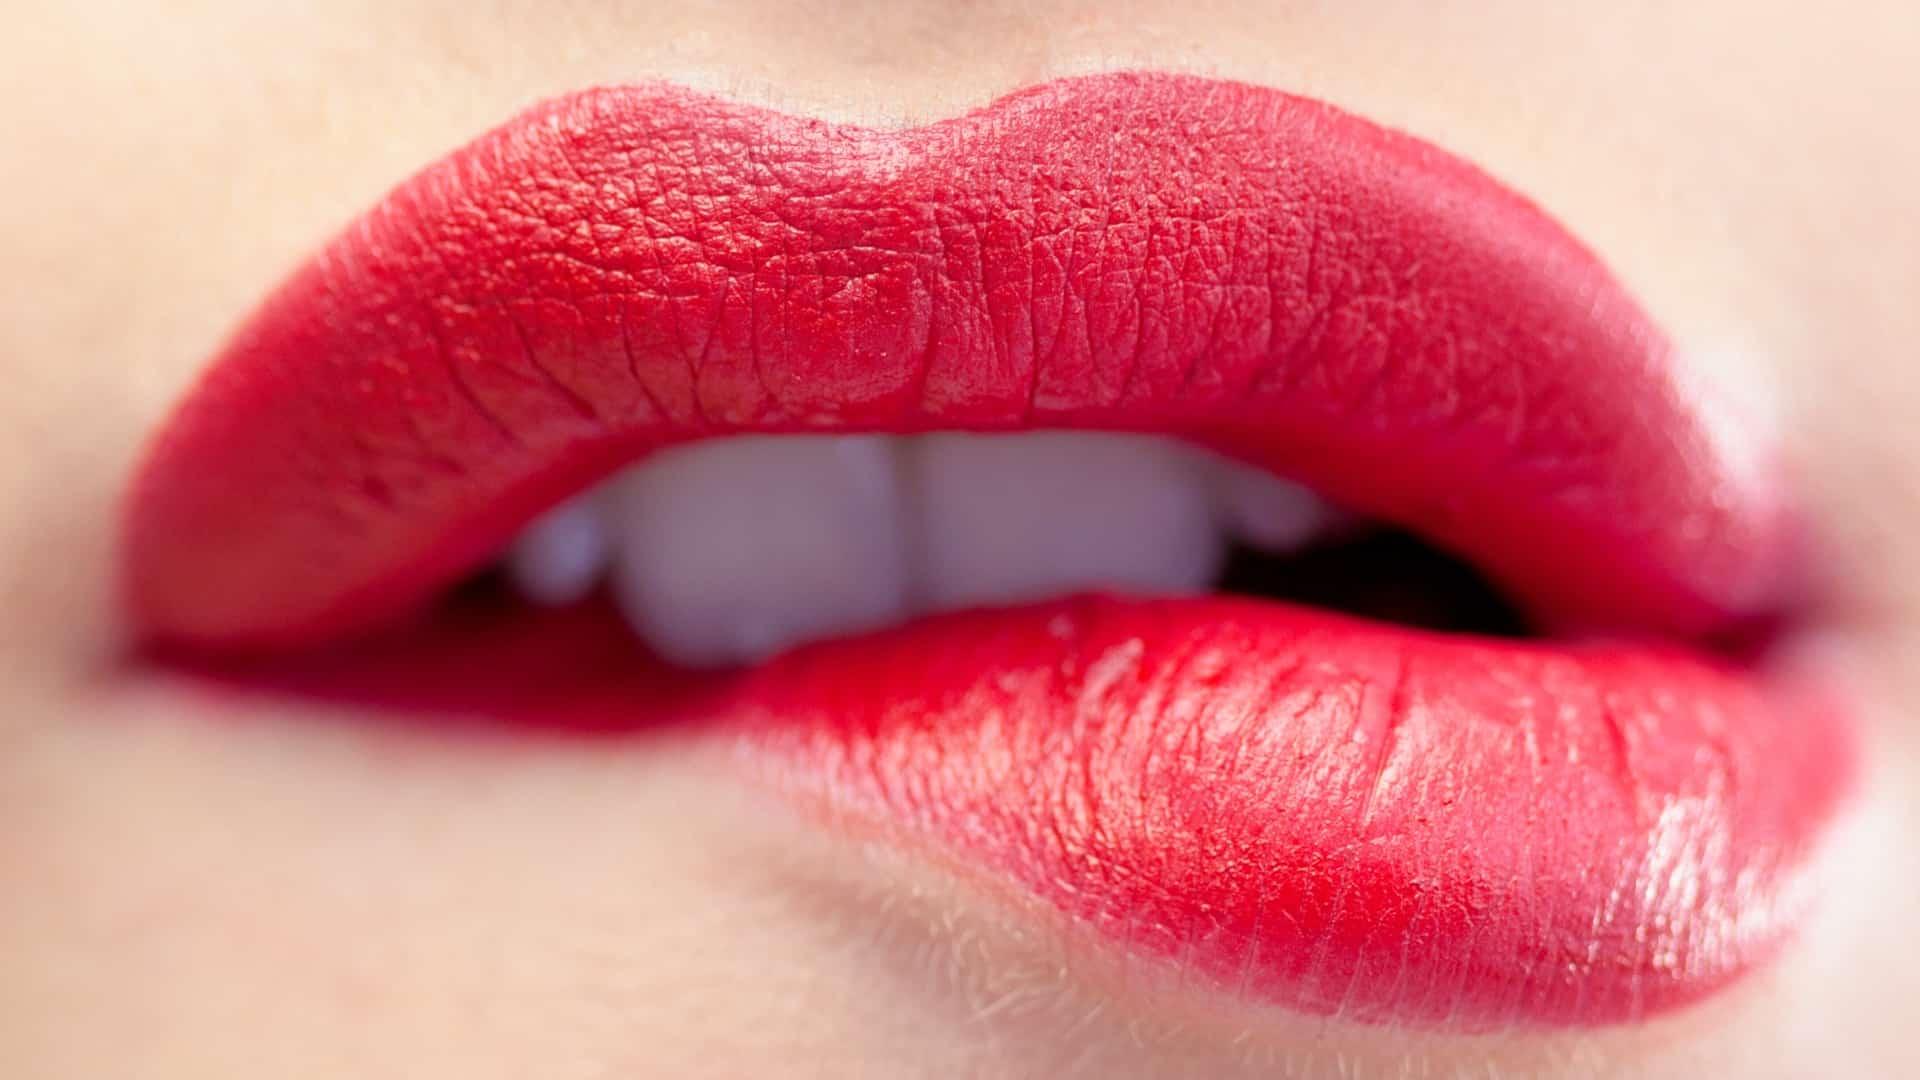 Imagem de boca feminina com batom vermelho mordendo lábio.